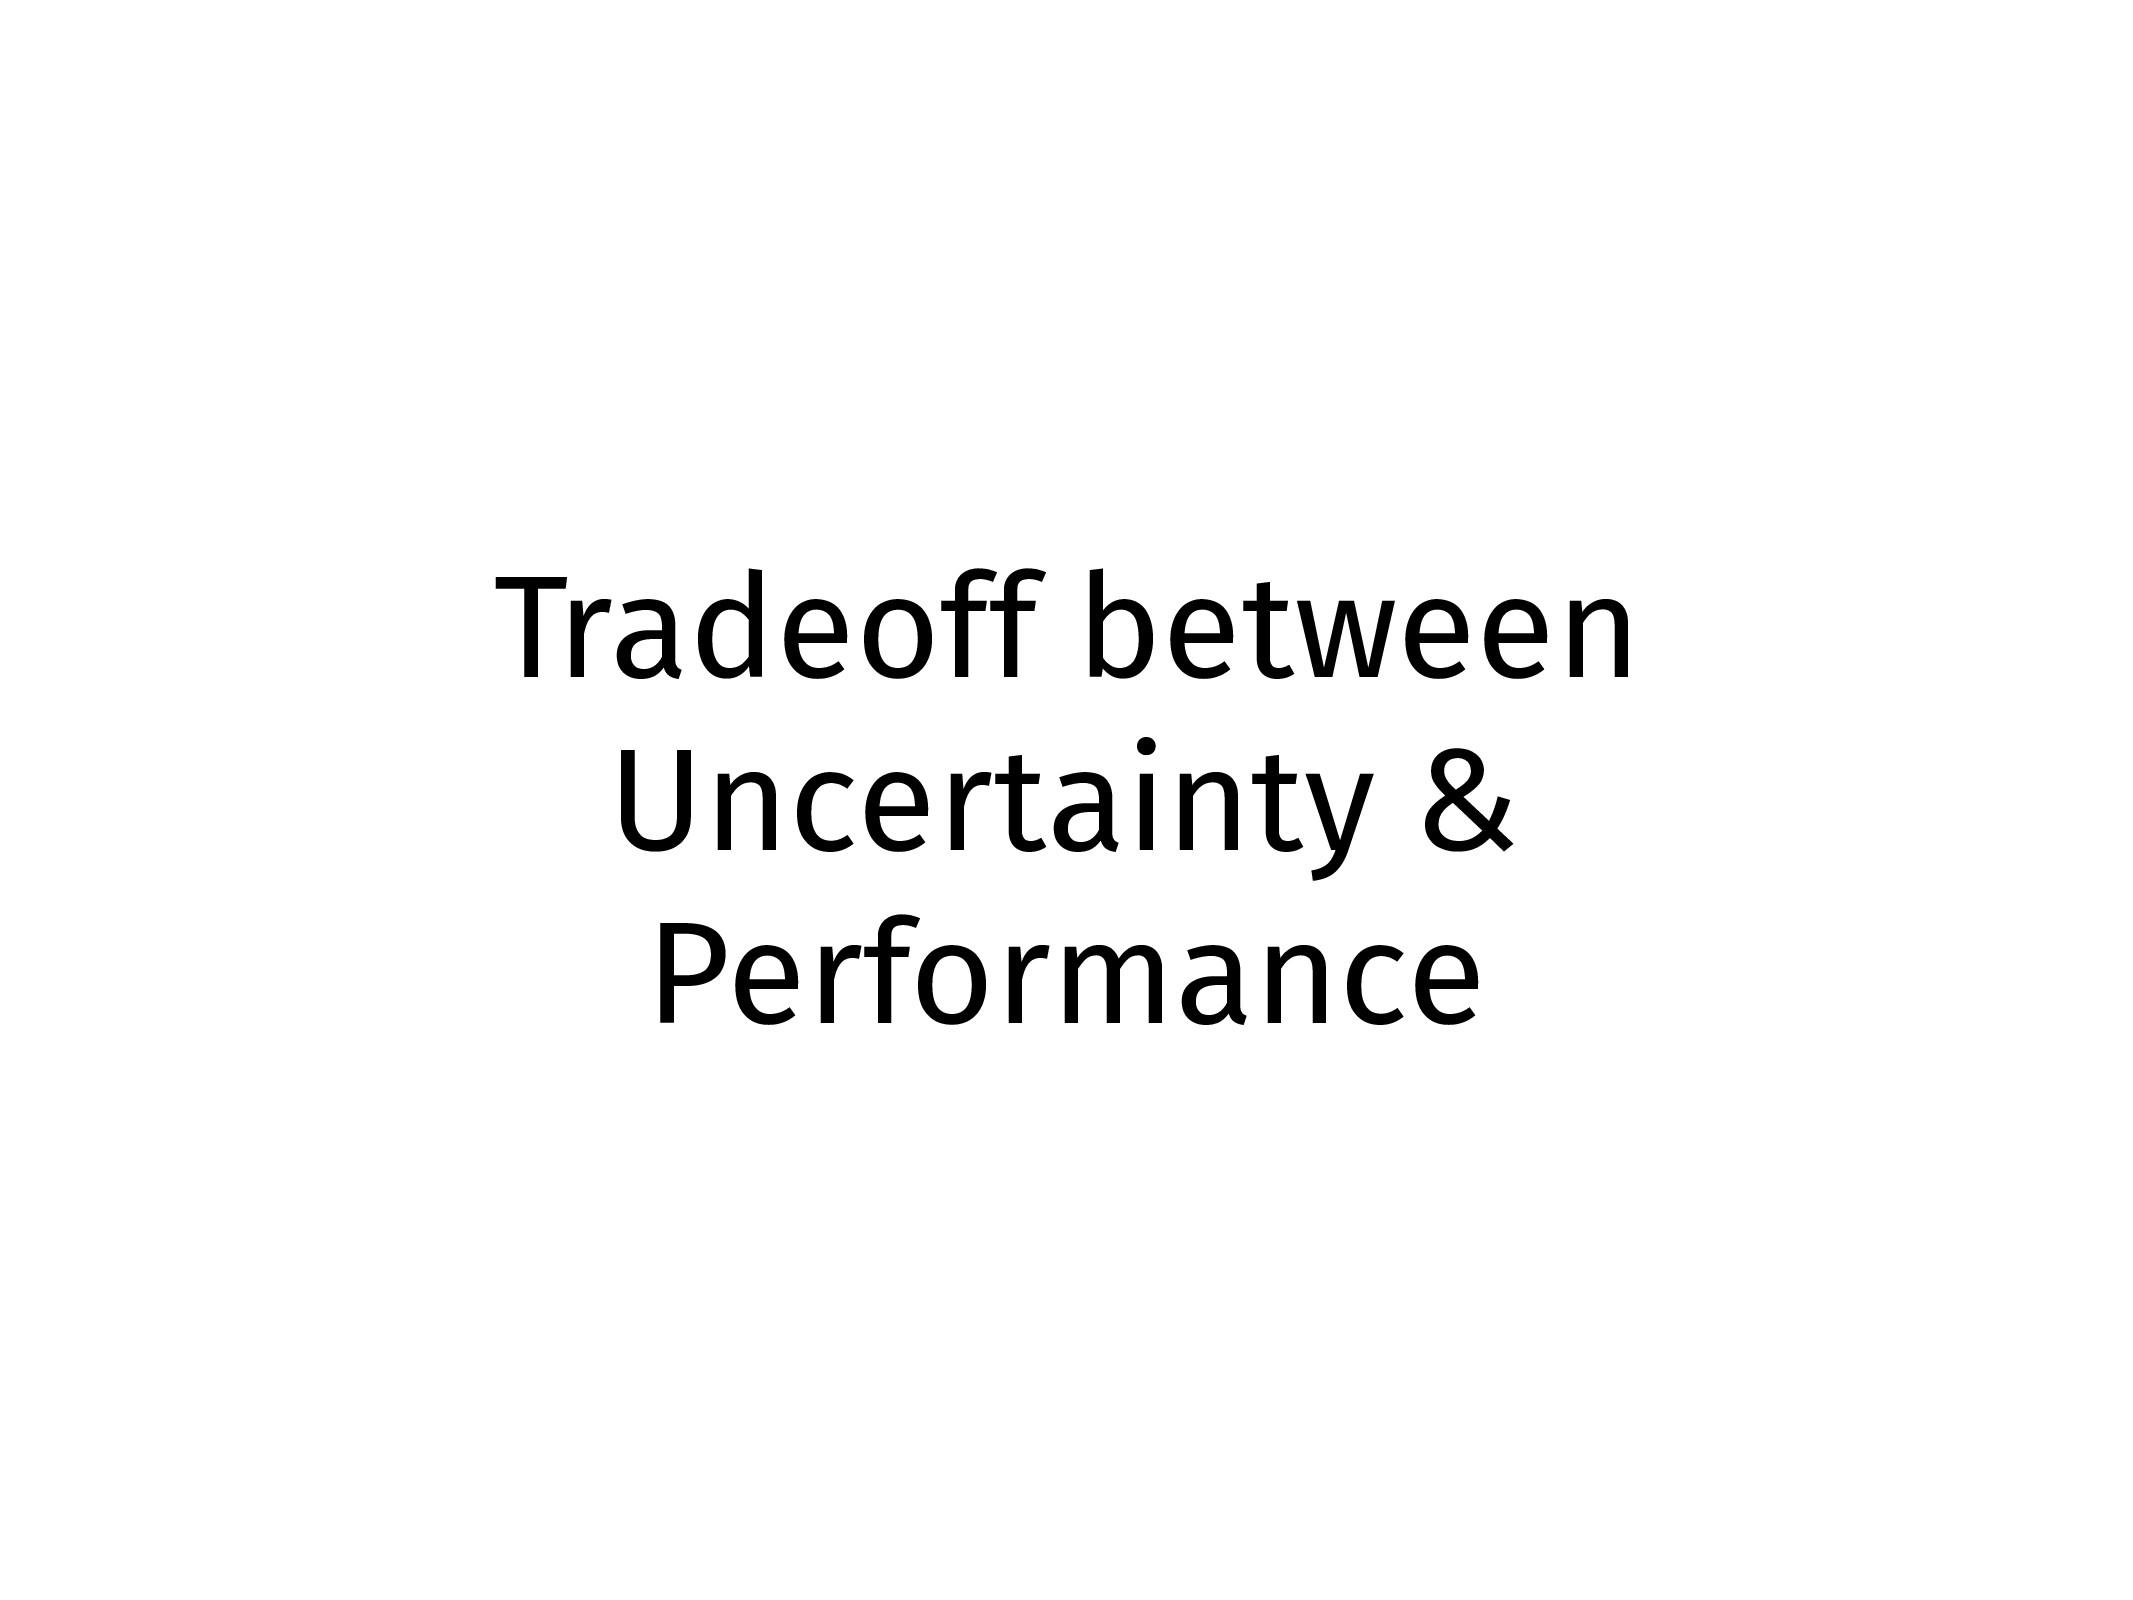 Tradeoff between Uncertainty & Performance